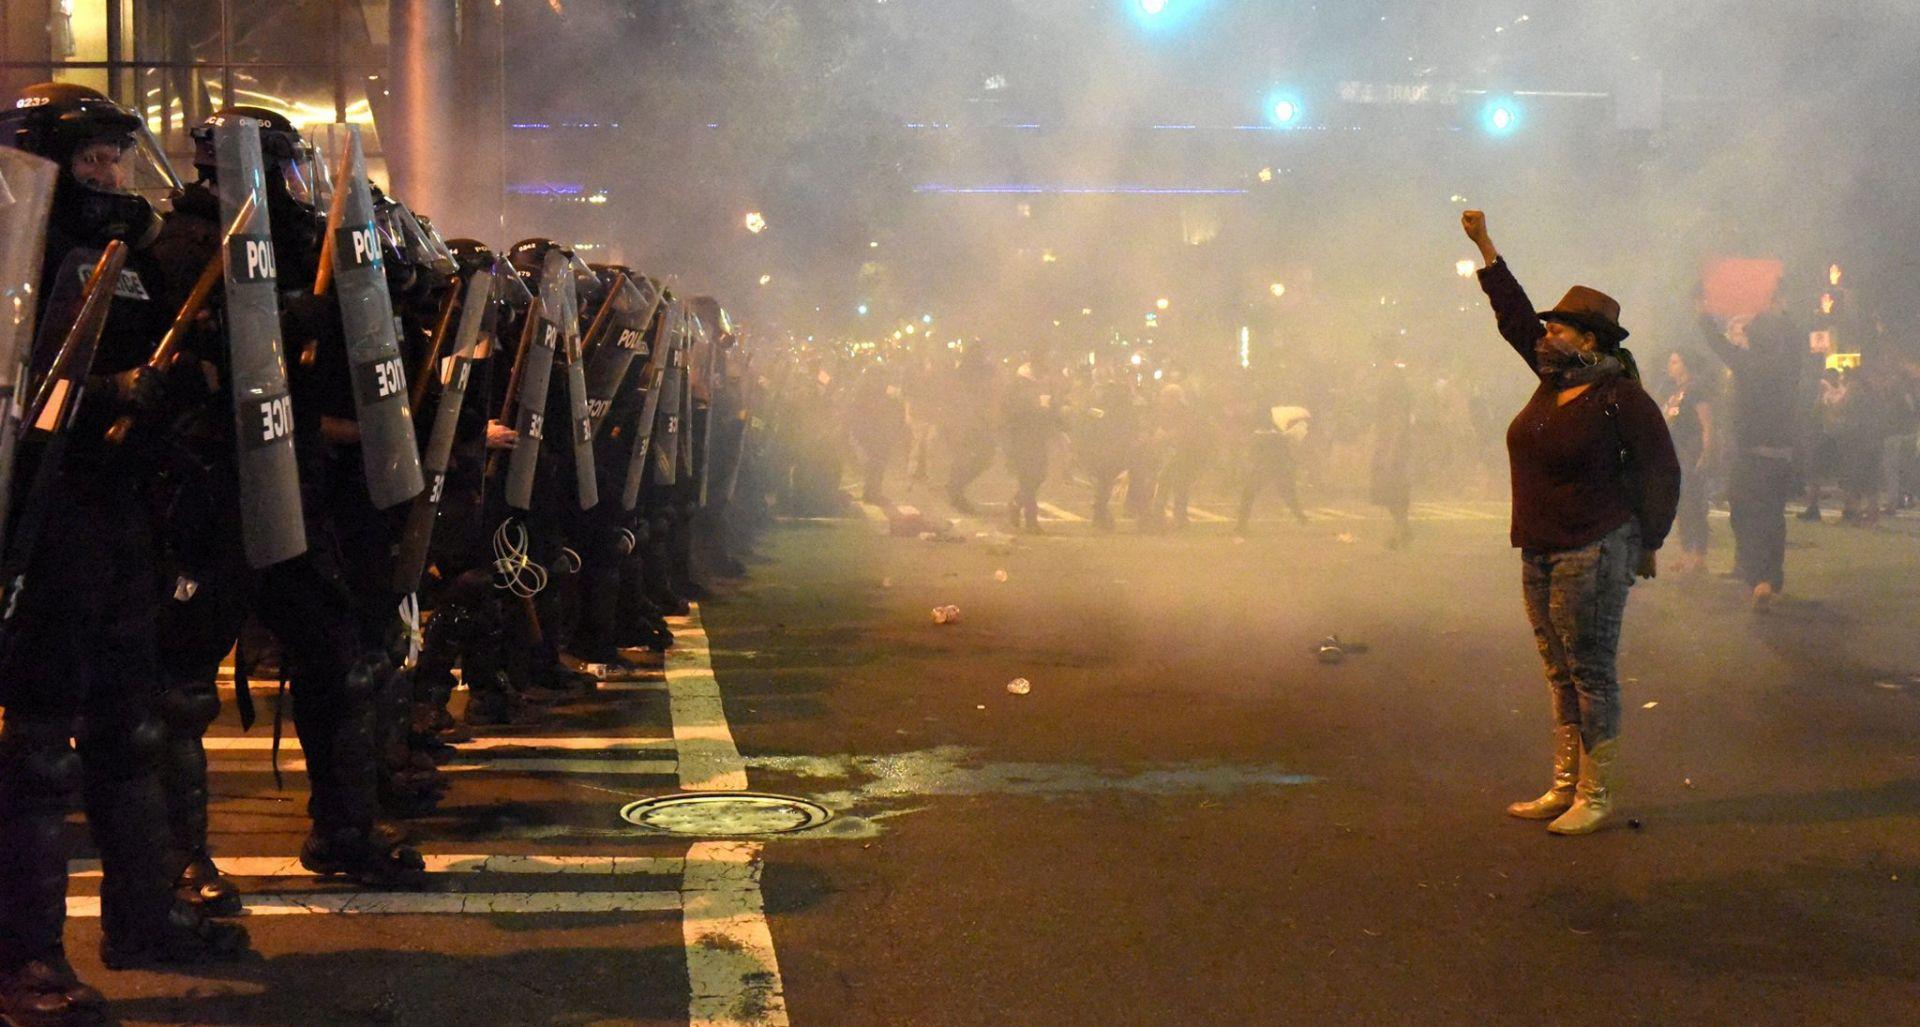 Izvanredno stanje u Charlotteu, prosvjednik u kritičnom stanju